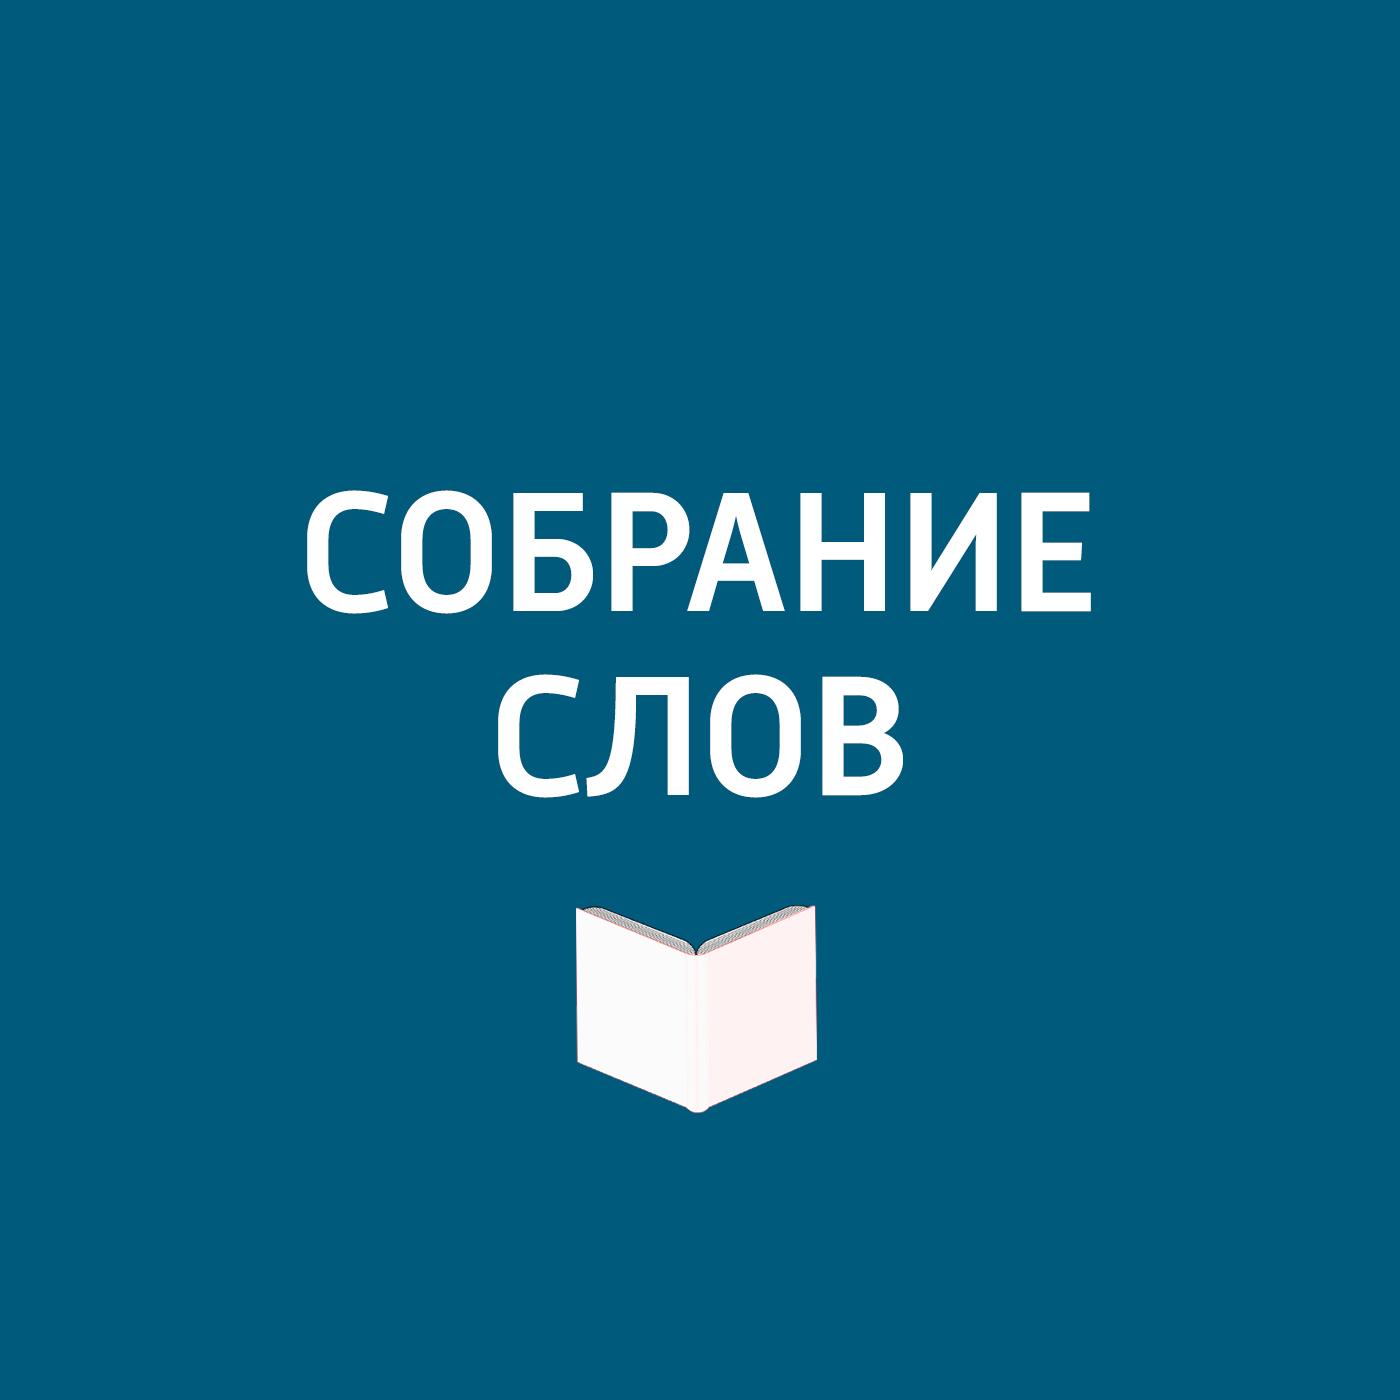 все цены на Творческий коллектив программы «Собрание слов» Большое интервью Владимира Матецкого